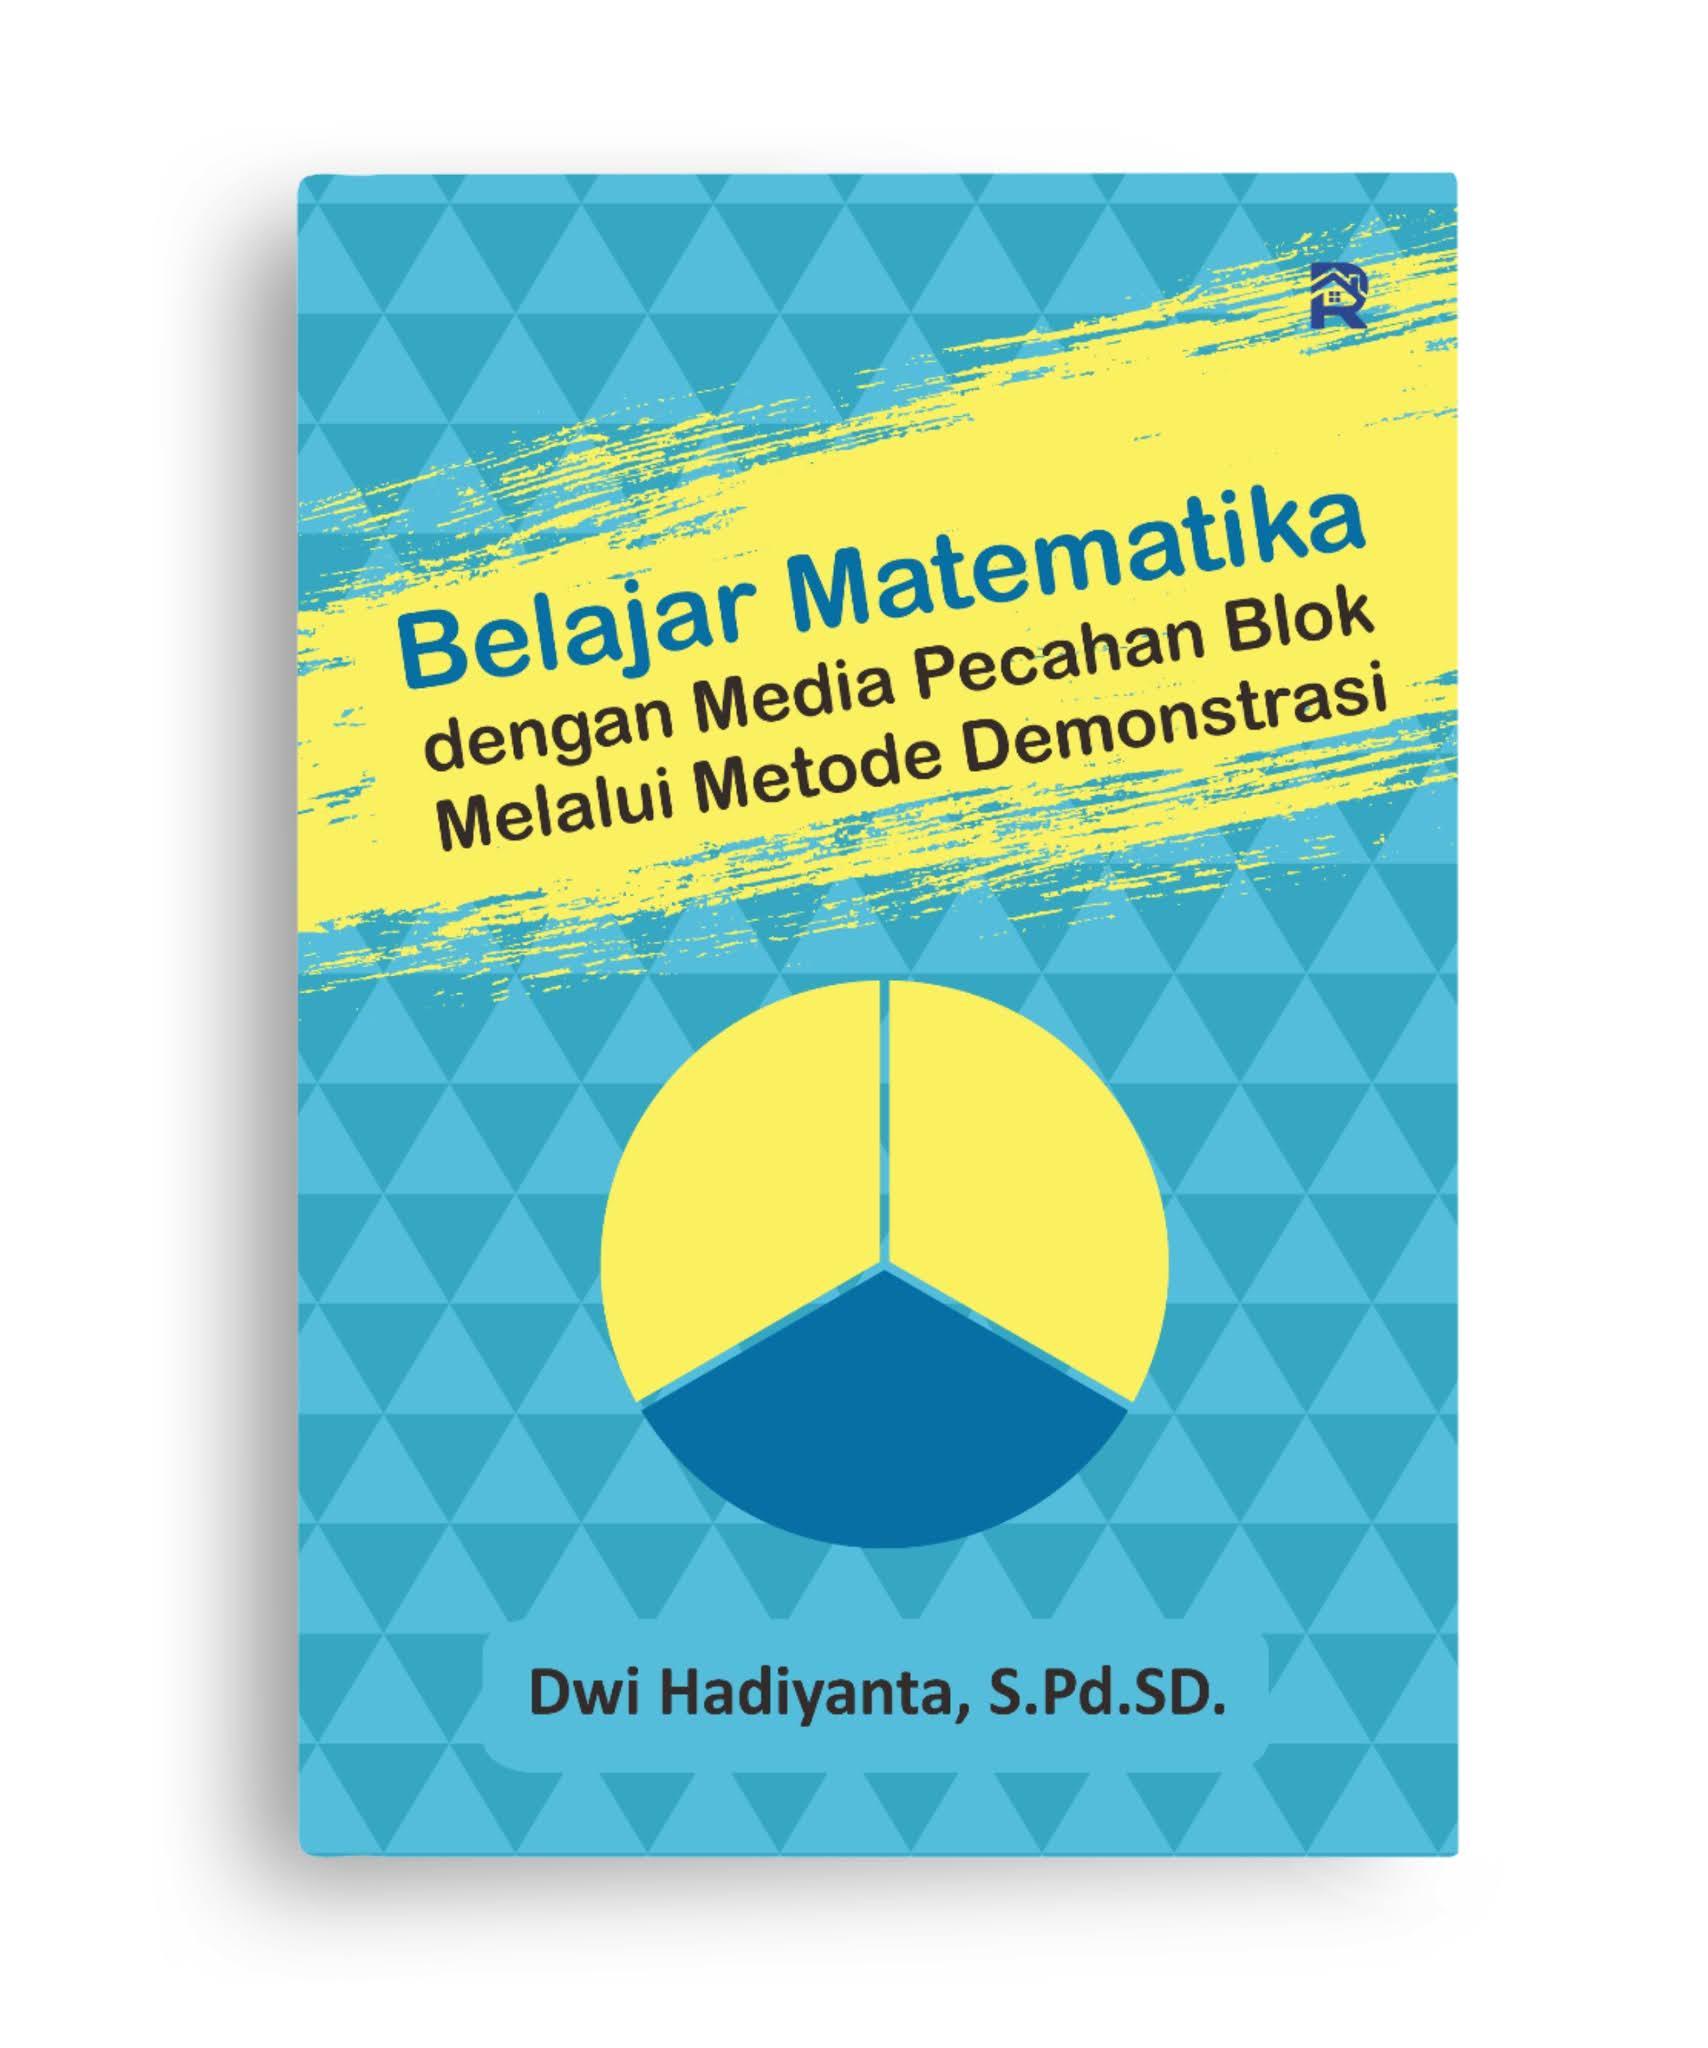 Belajar Matematika dengan Media Pecahan Blok Melalui Metode Demonstrasi